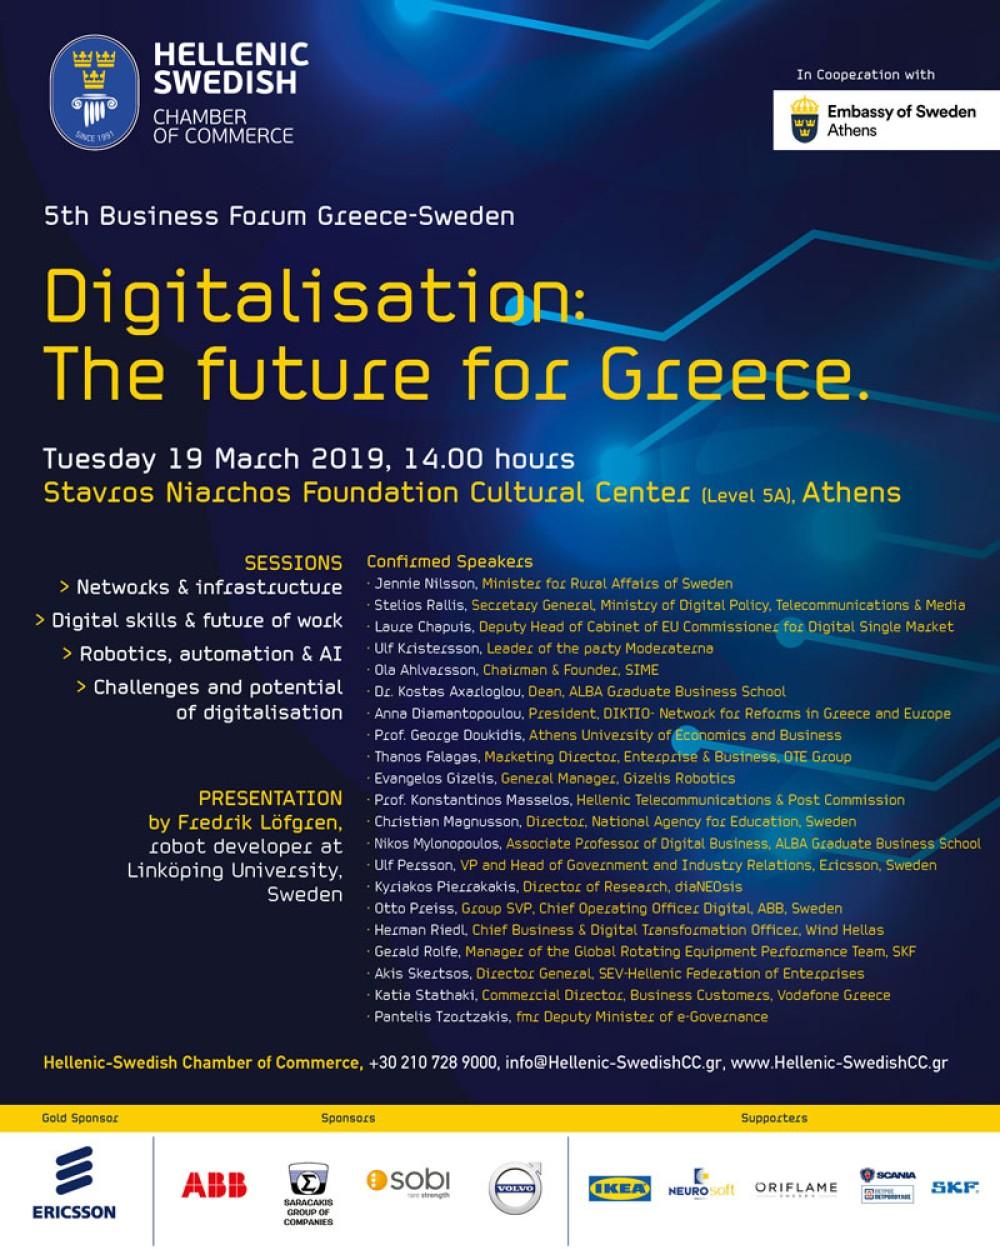 Η μετάβαση στην ψηφιακή εποχή ως το μέλλον της Ελλάδας: Τρίτη 19 Μαρτίου με ελεύθερη είσοδο